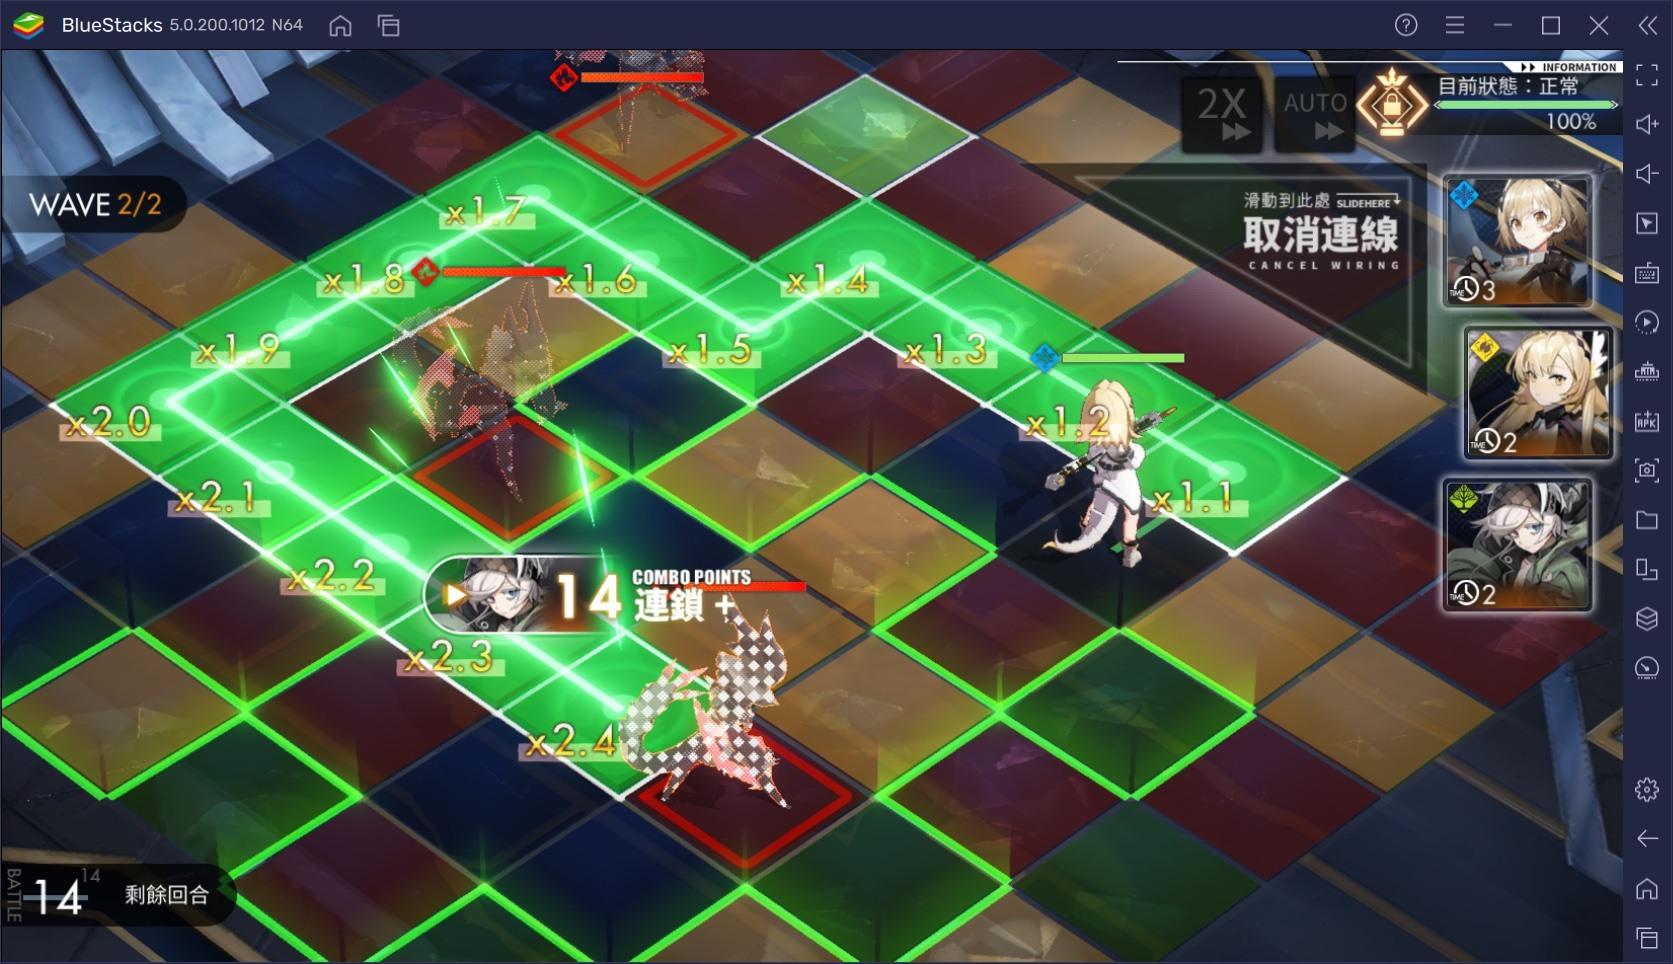 如何使用BlueStacks在電腦上玩超美策略手遊《白夜極光》